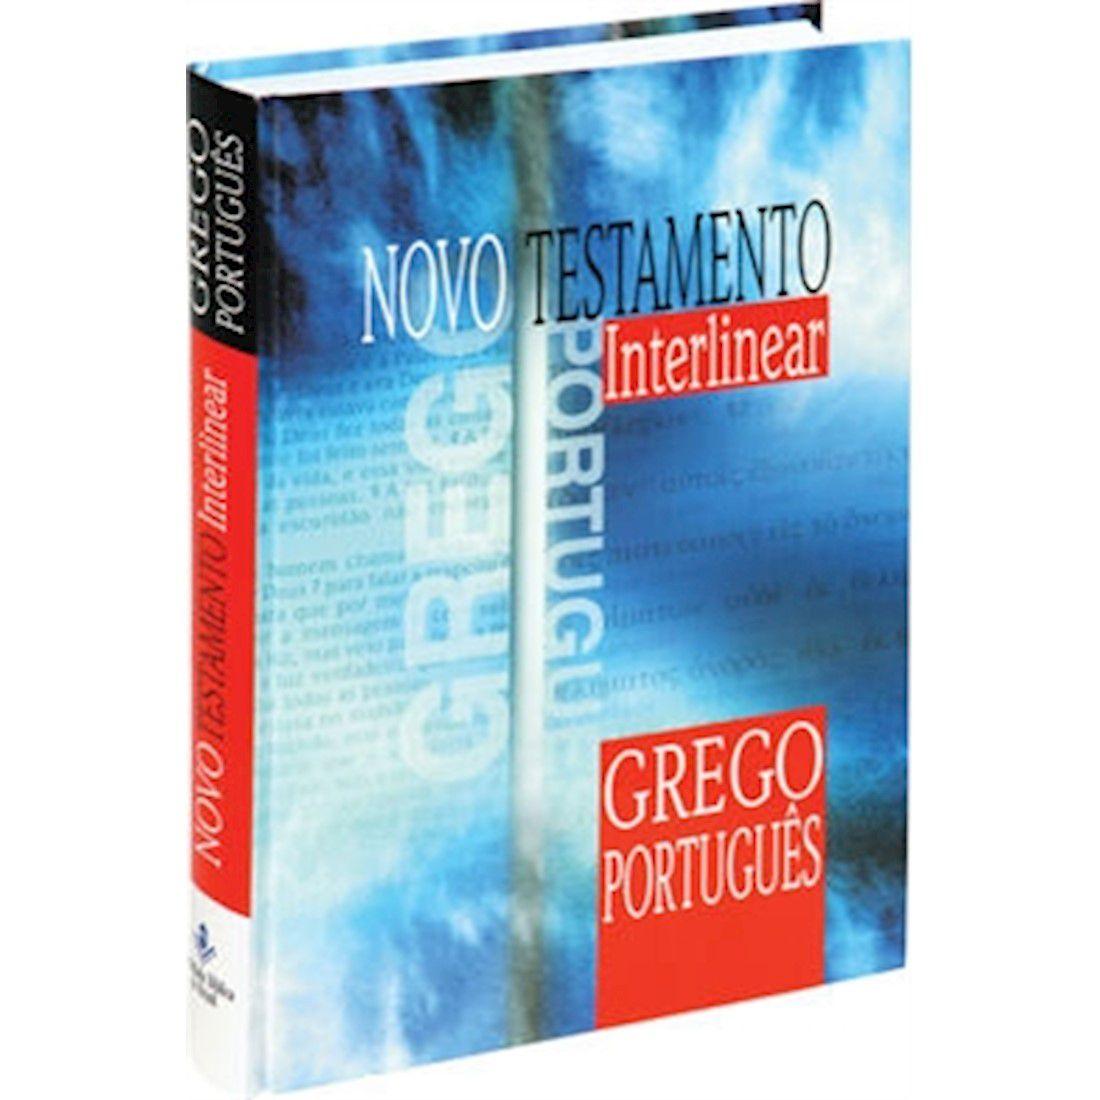 Novo Testamento Interlinear Grego-Português - Capa Dura